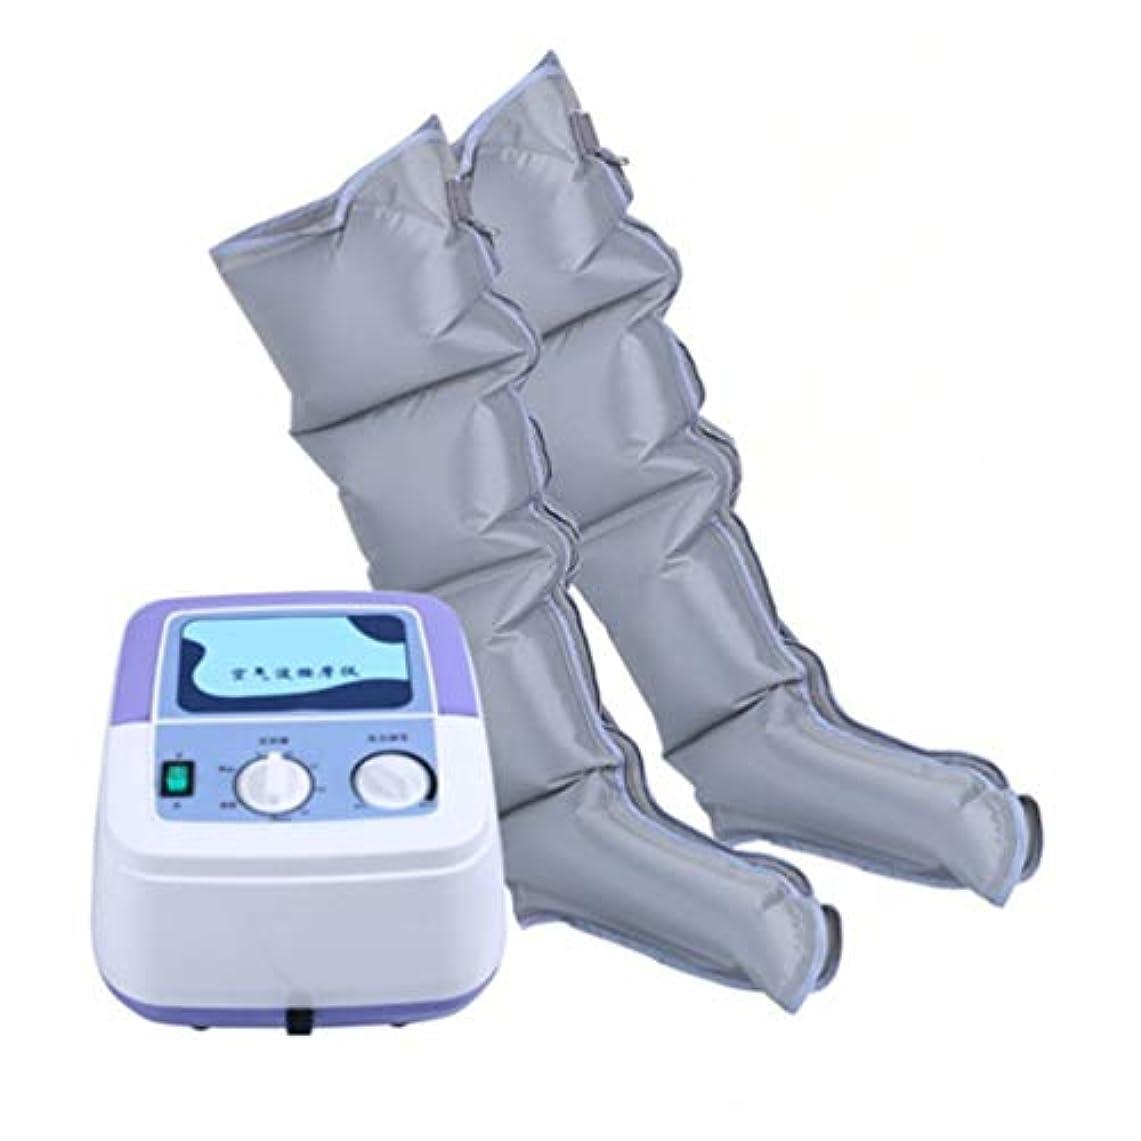 寝具高さ寄り添う足および足の筋肉の循環のマッサージ療法のための空気圧縮の足のマッサージャーは腫れおよび浮腫の苦痛を助けます